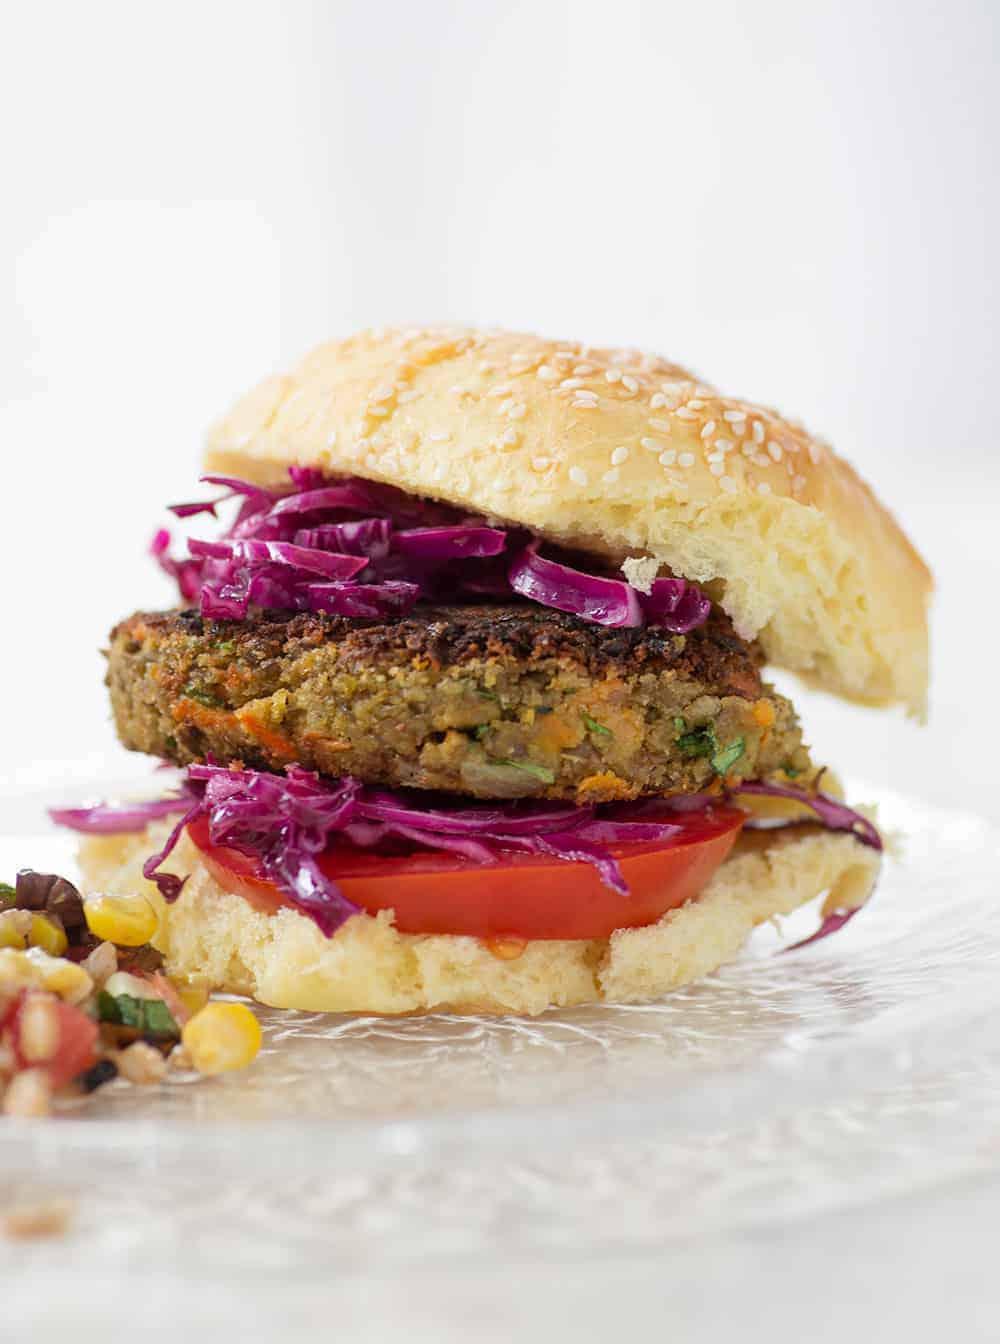 vegan burger with lentils and tahini